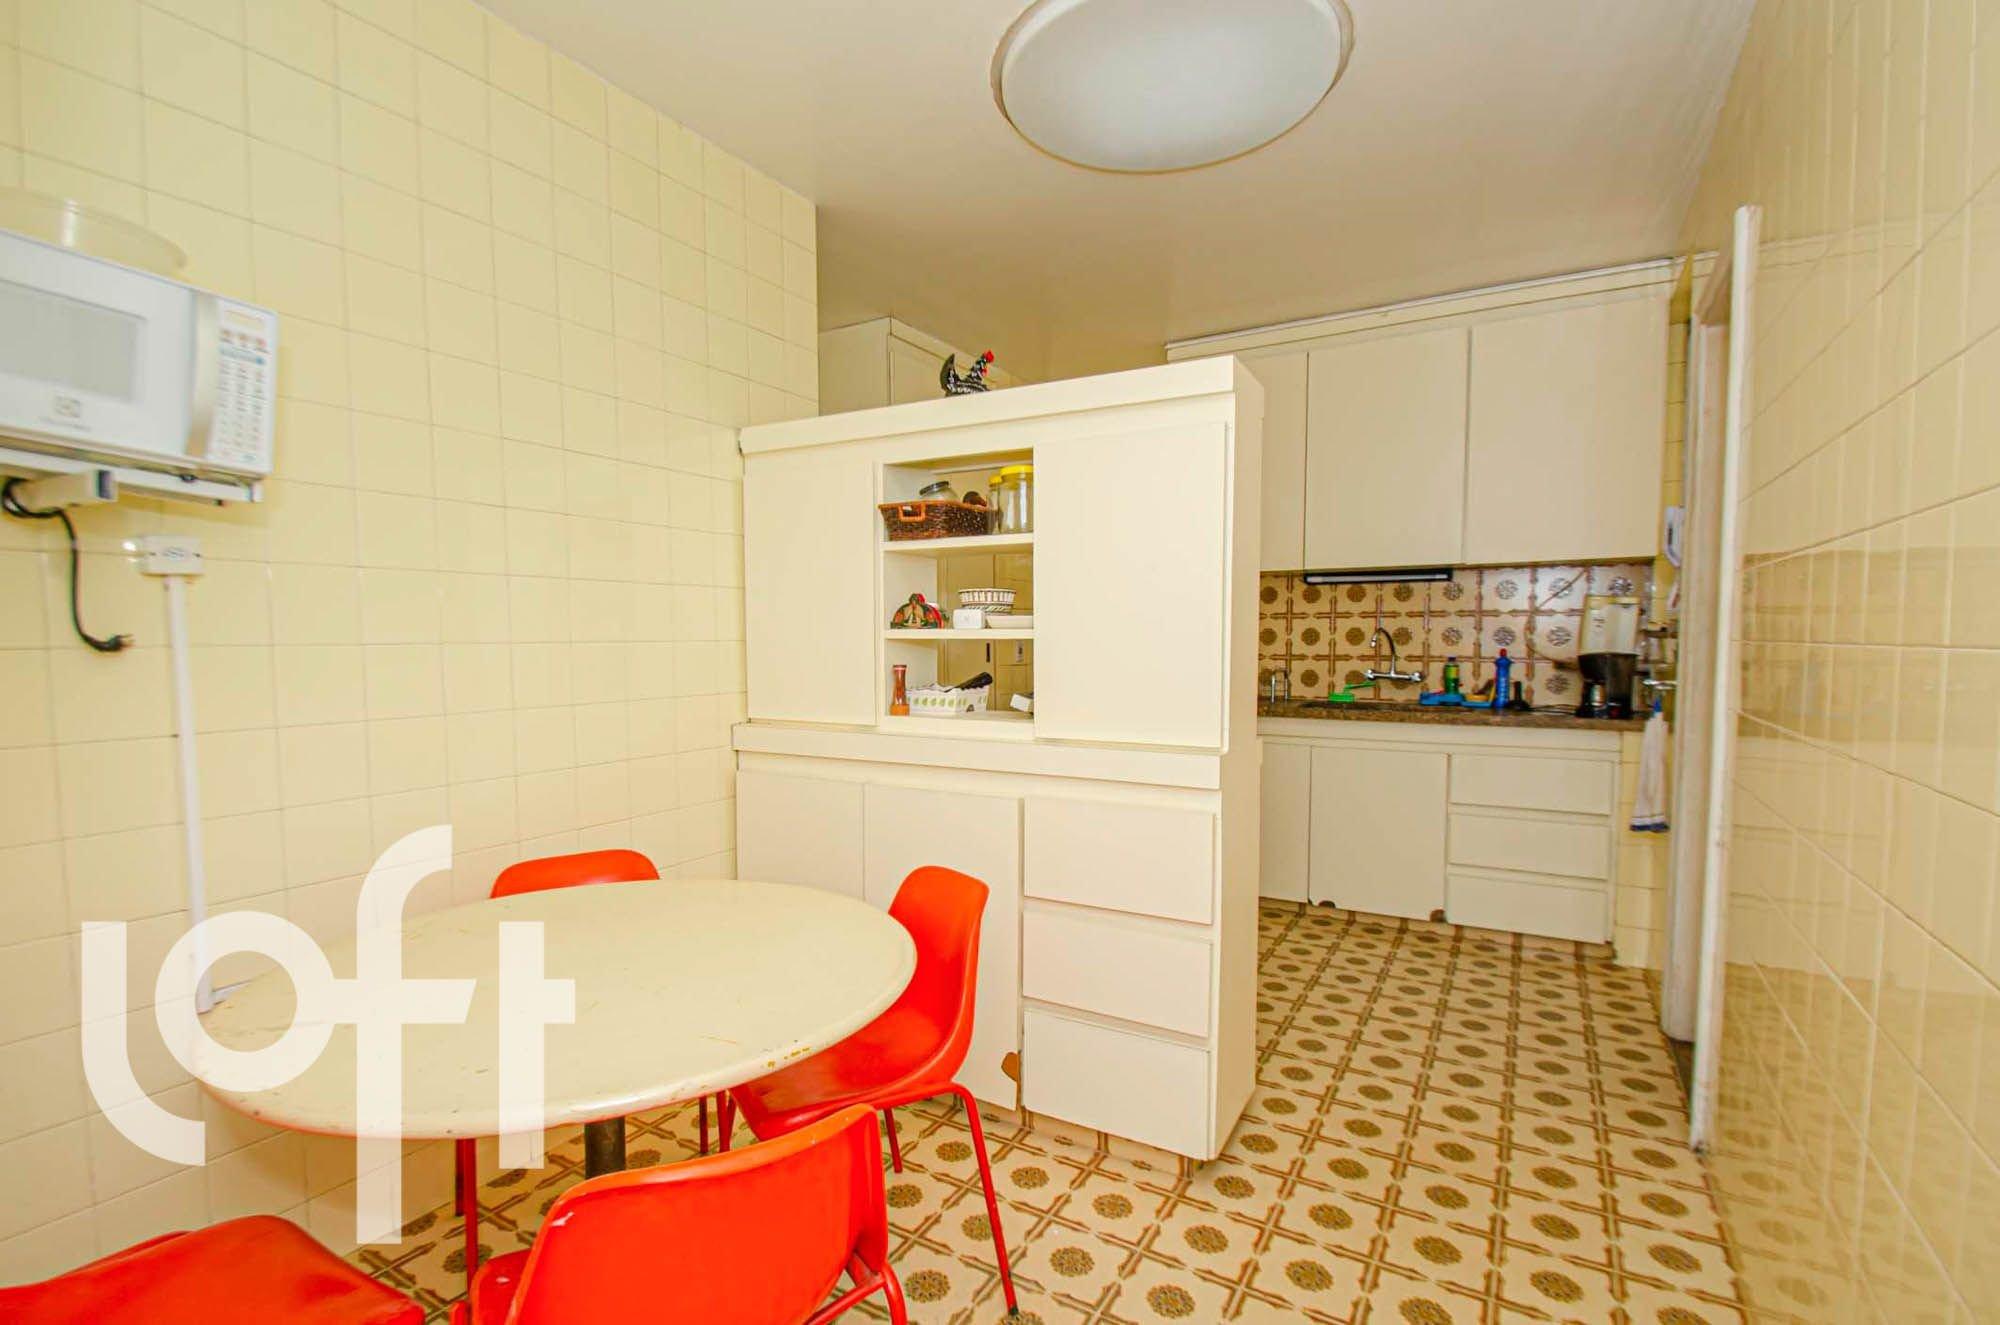 Foto de Sala com garrafa, cadeira, microondas, mesa de jantar